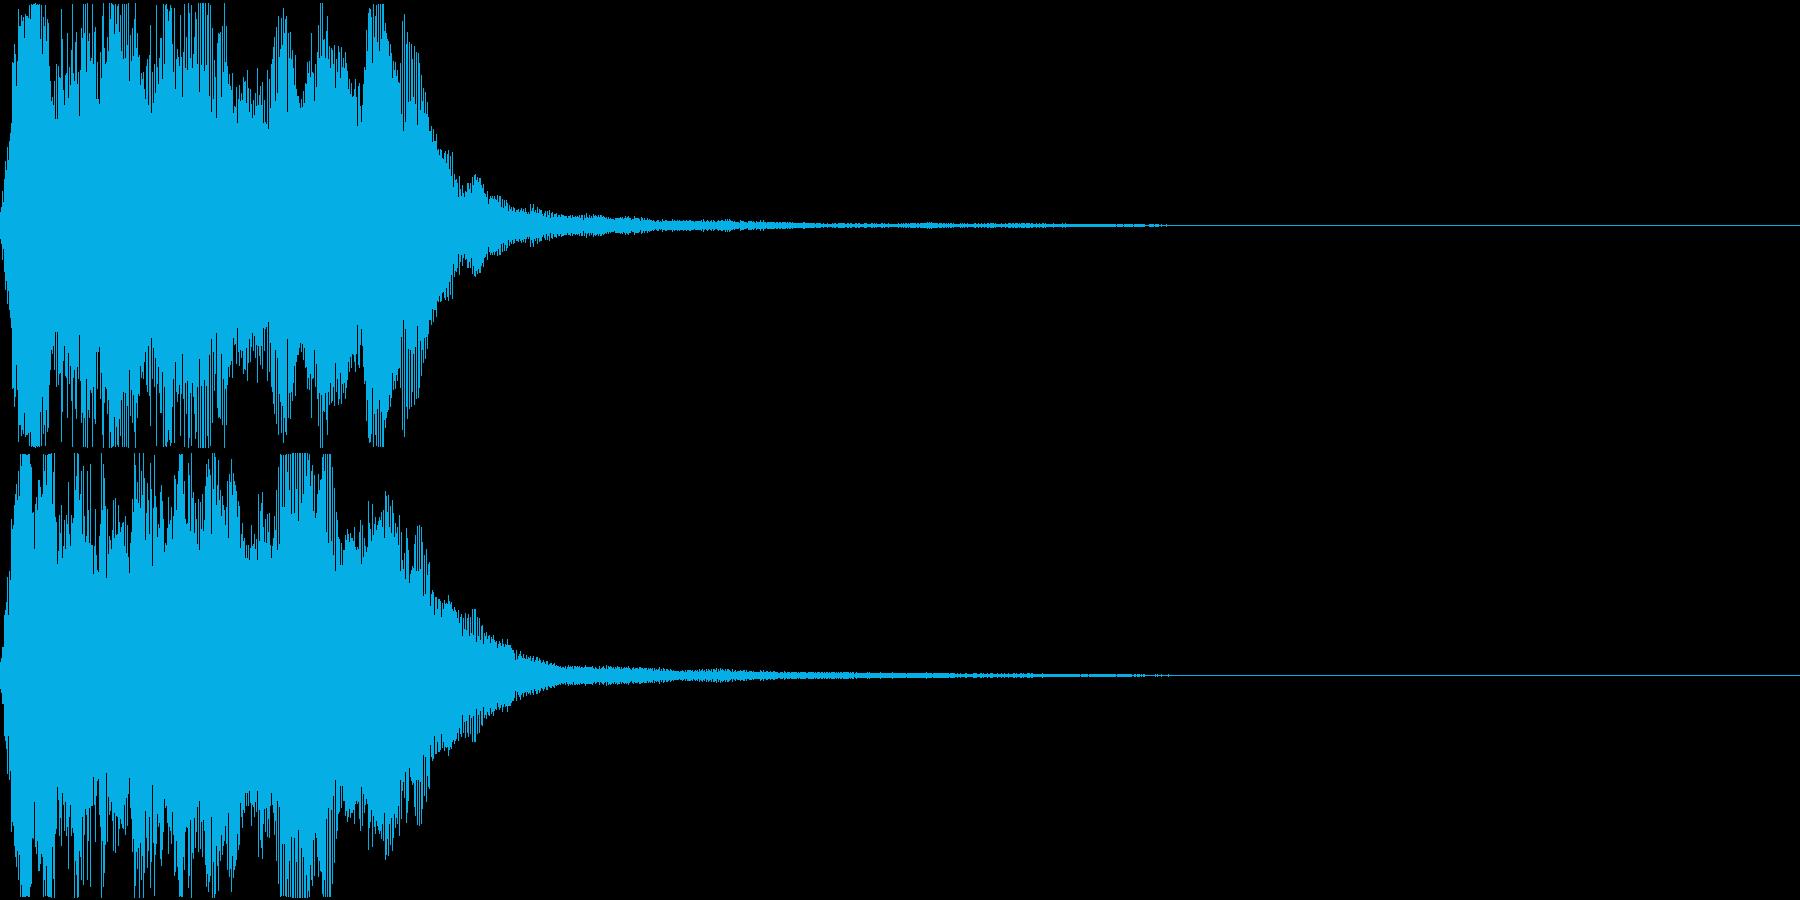 ラッパ ファンファーレ 定番 10の再生済みの波形